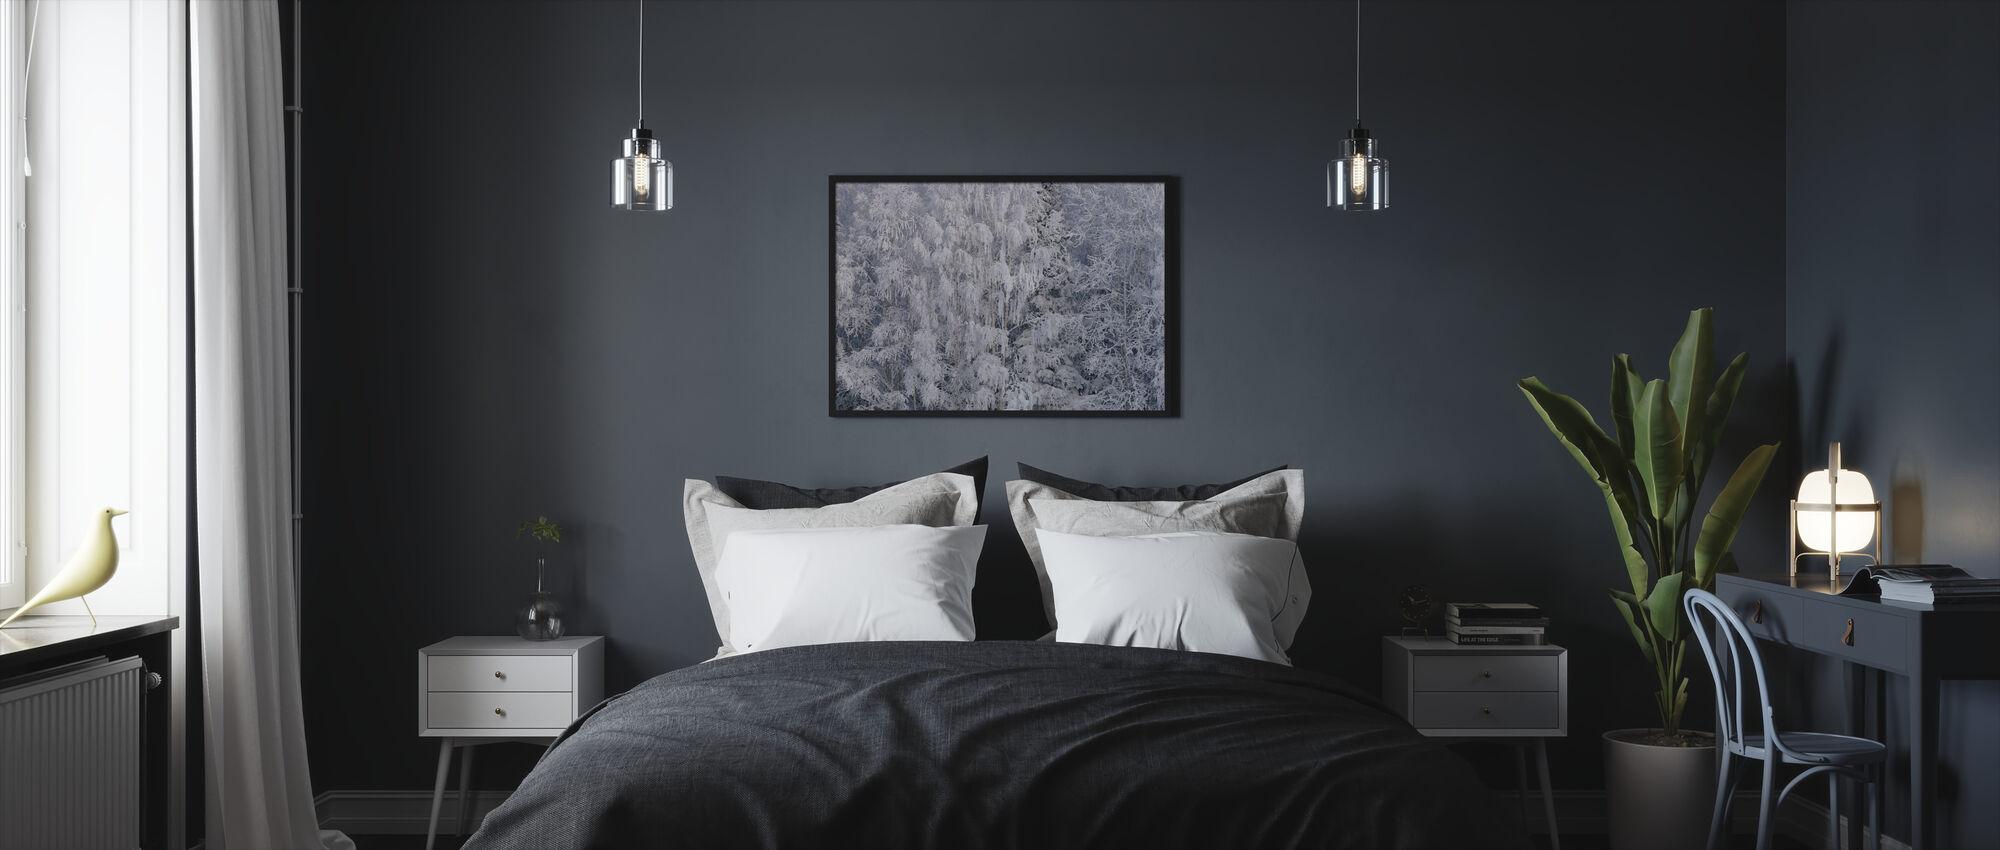 Ijsbomen of Salem, Oregon, Verenigde Staten - Ingelijste print - Slaapkamer